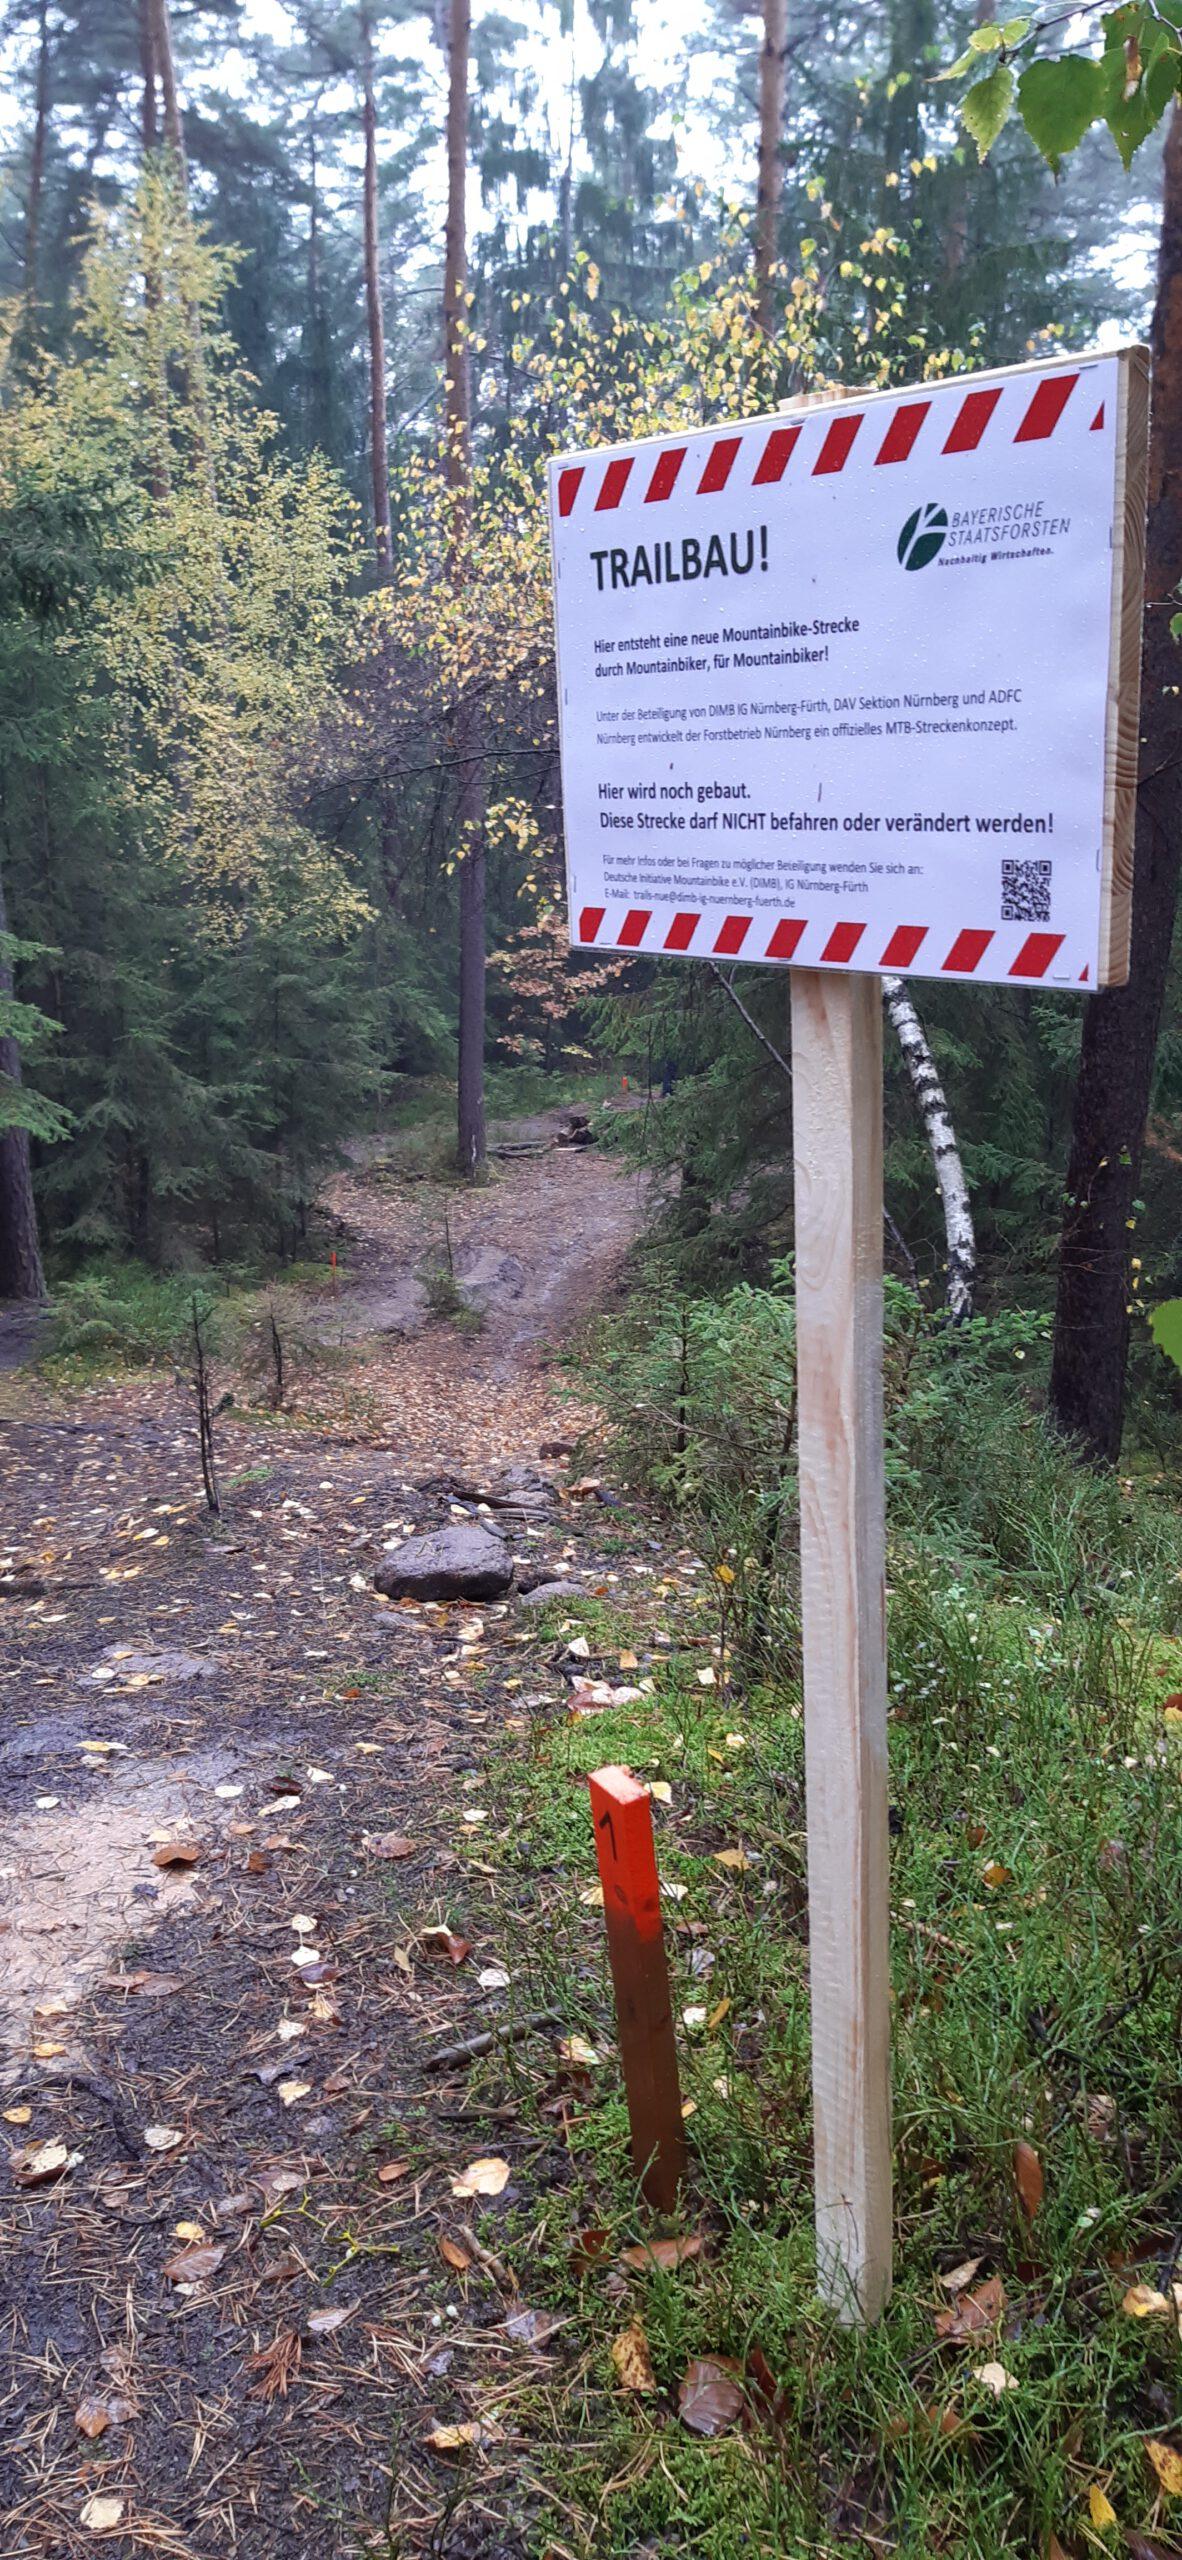 Schmausenbuck: Trailbau & COVID-19